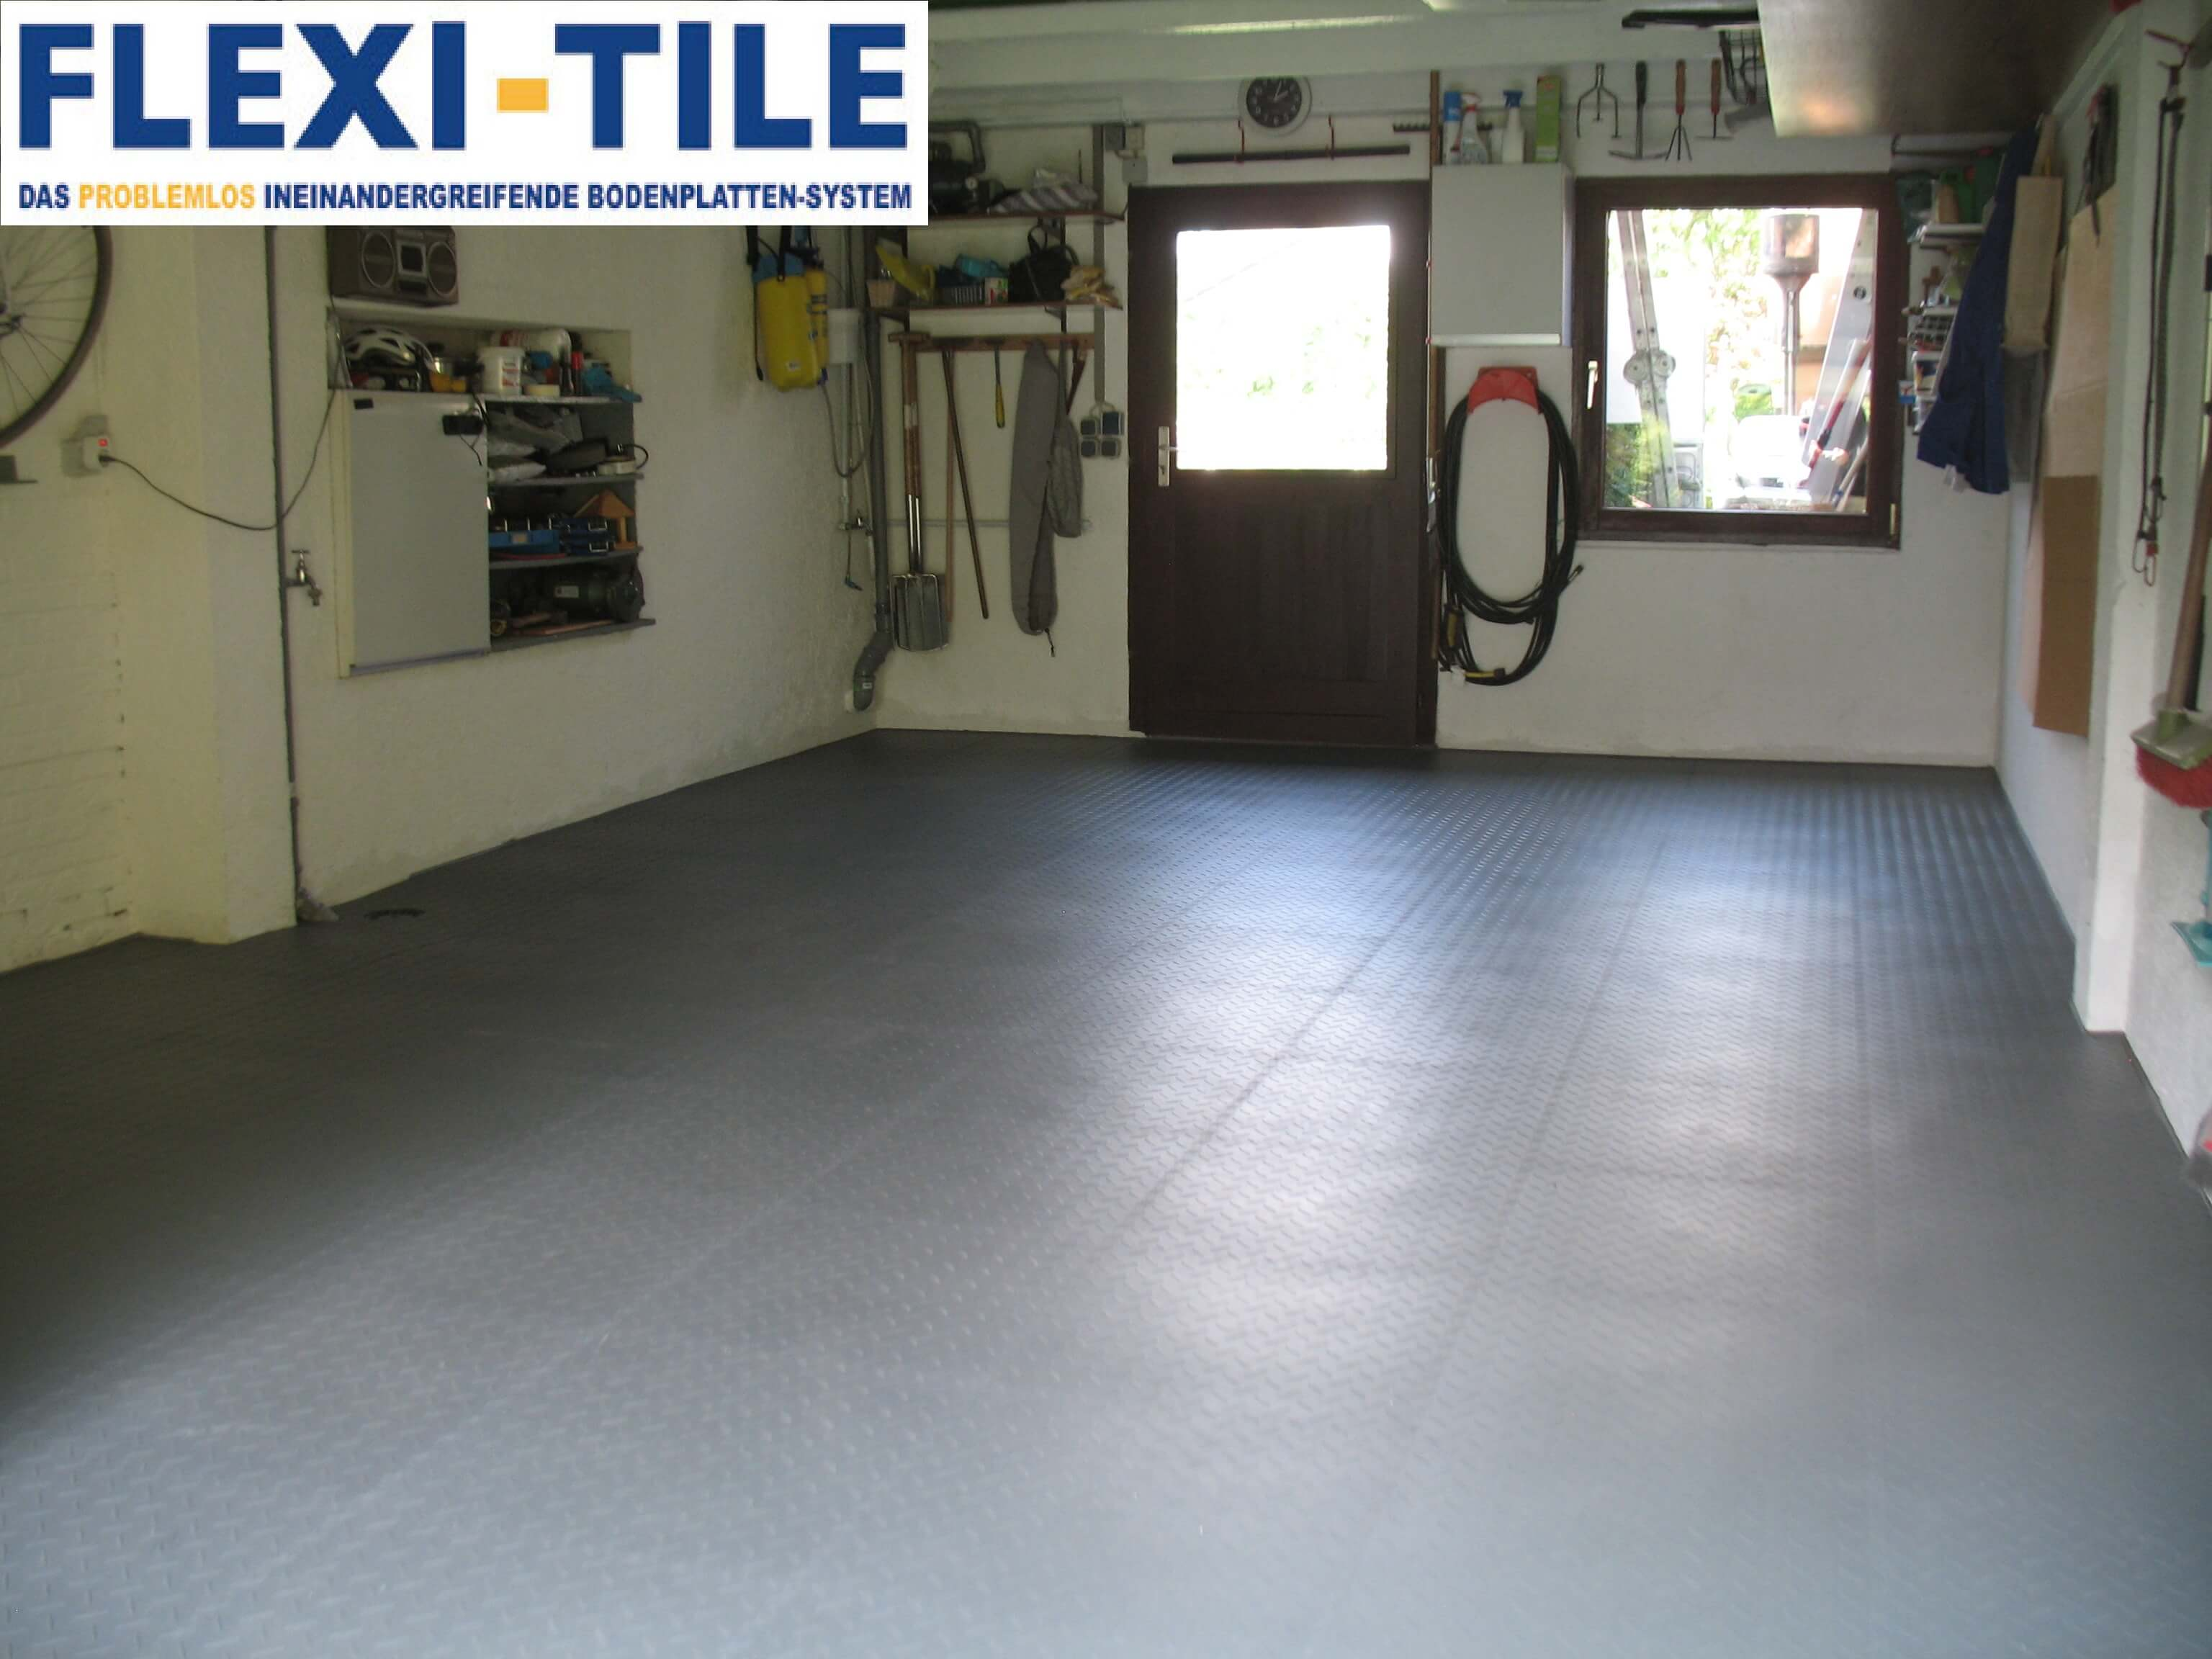 flexi-tile pvc bodenfliesen als garagenboden - anwendungsbeispiel